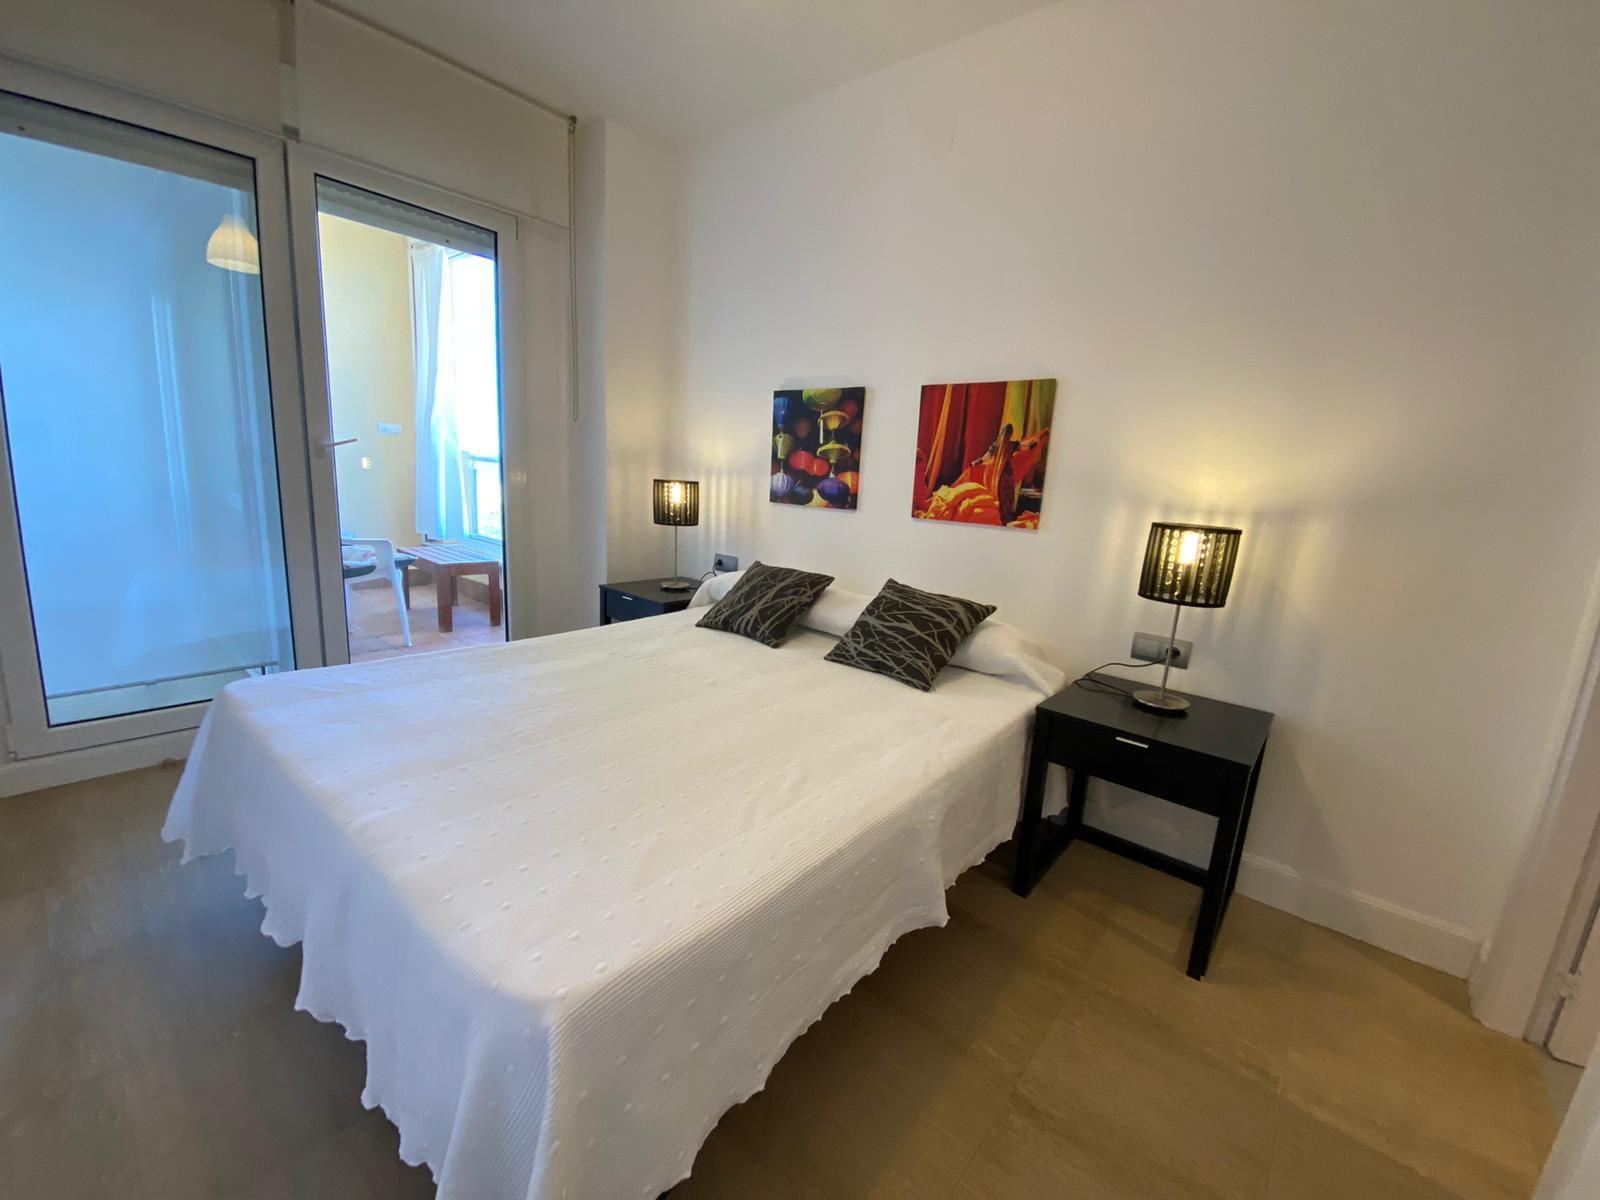 Imagen 14 del Apartamento Turístico, Ático 8 Poniente (3d+2b), Punta del Moral (HUELVA), Paseo de la Cruz nº22